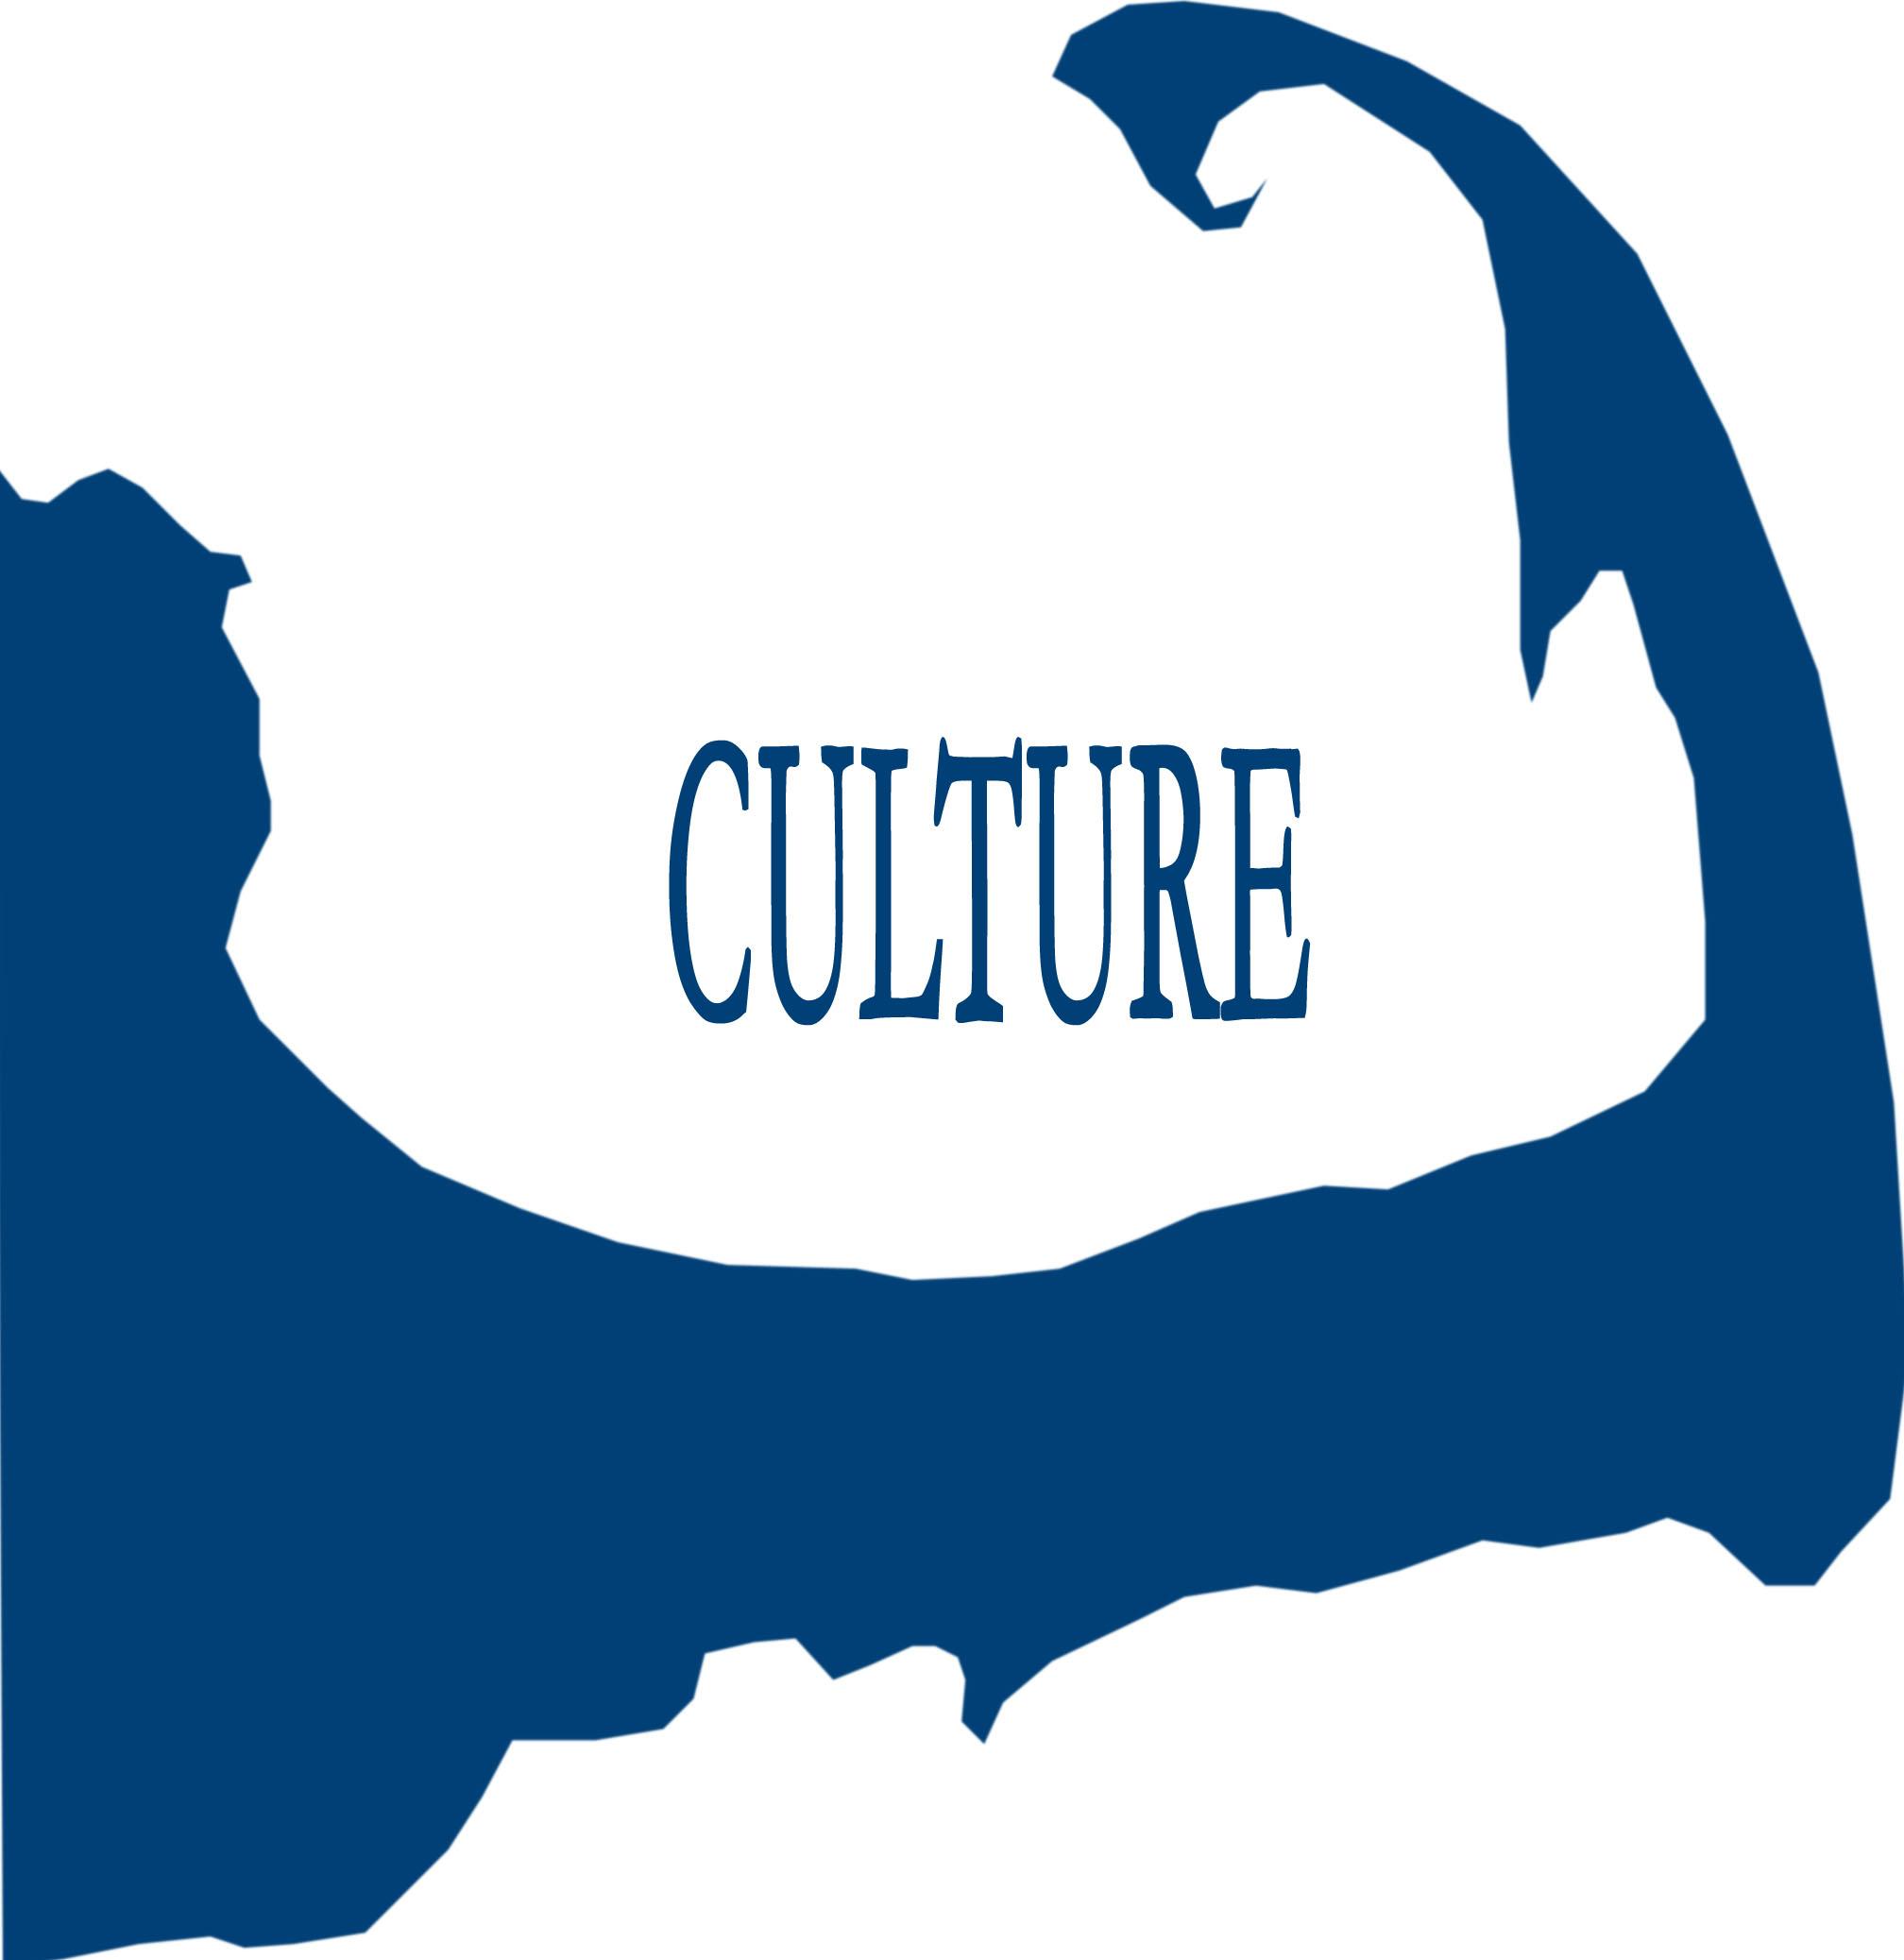 EXIT Culture